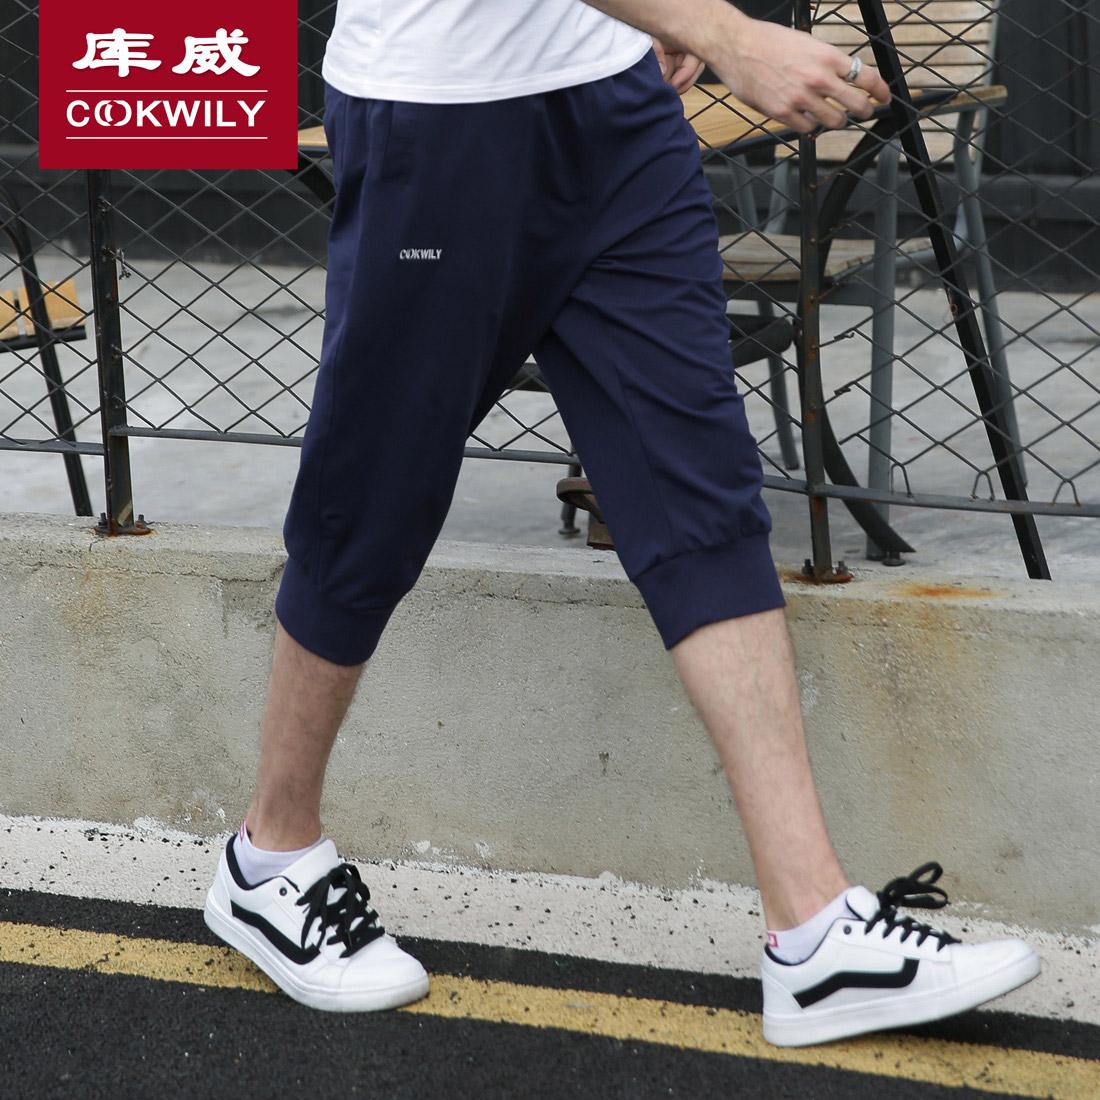 库威运动短裤男休闲裤夏季薄款中裤跑步运动裤薄款收口运动七分裤